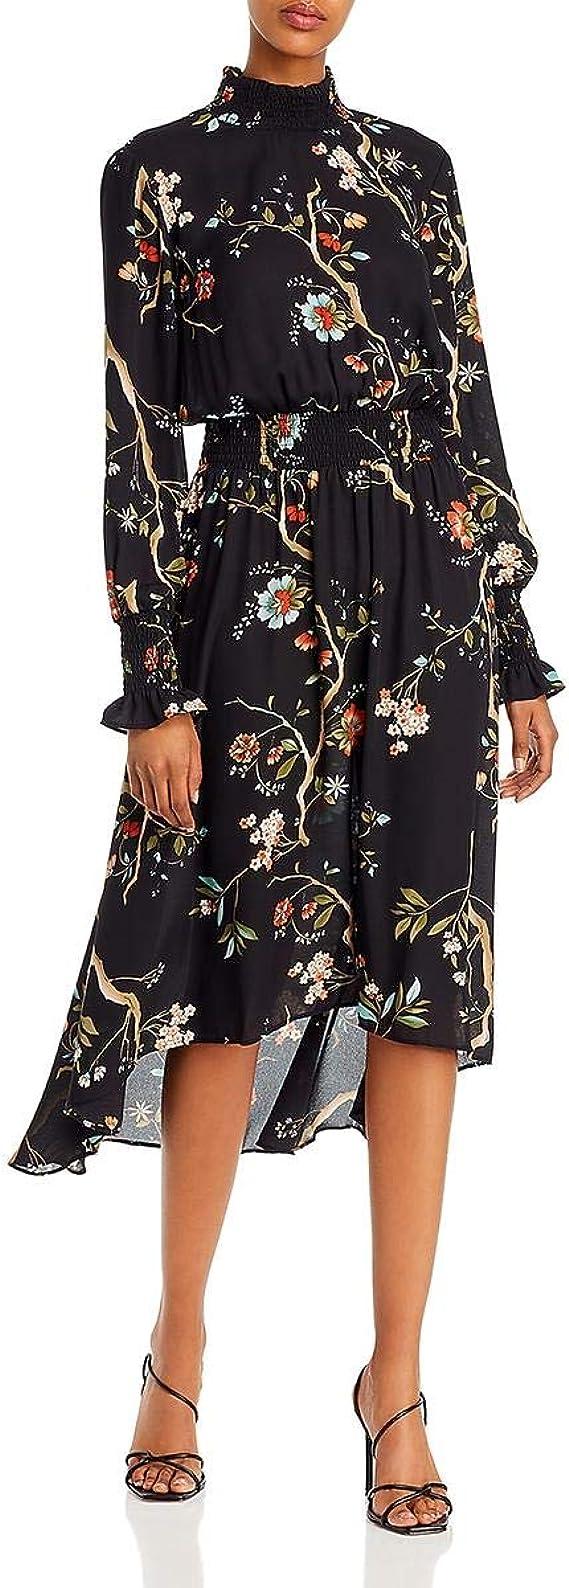 Nanette Nanette Lepore Womens Dress: Amazon.co.uk: Clothing